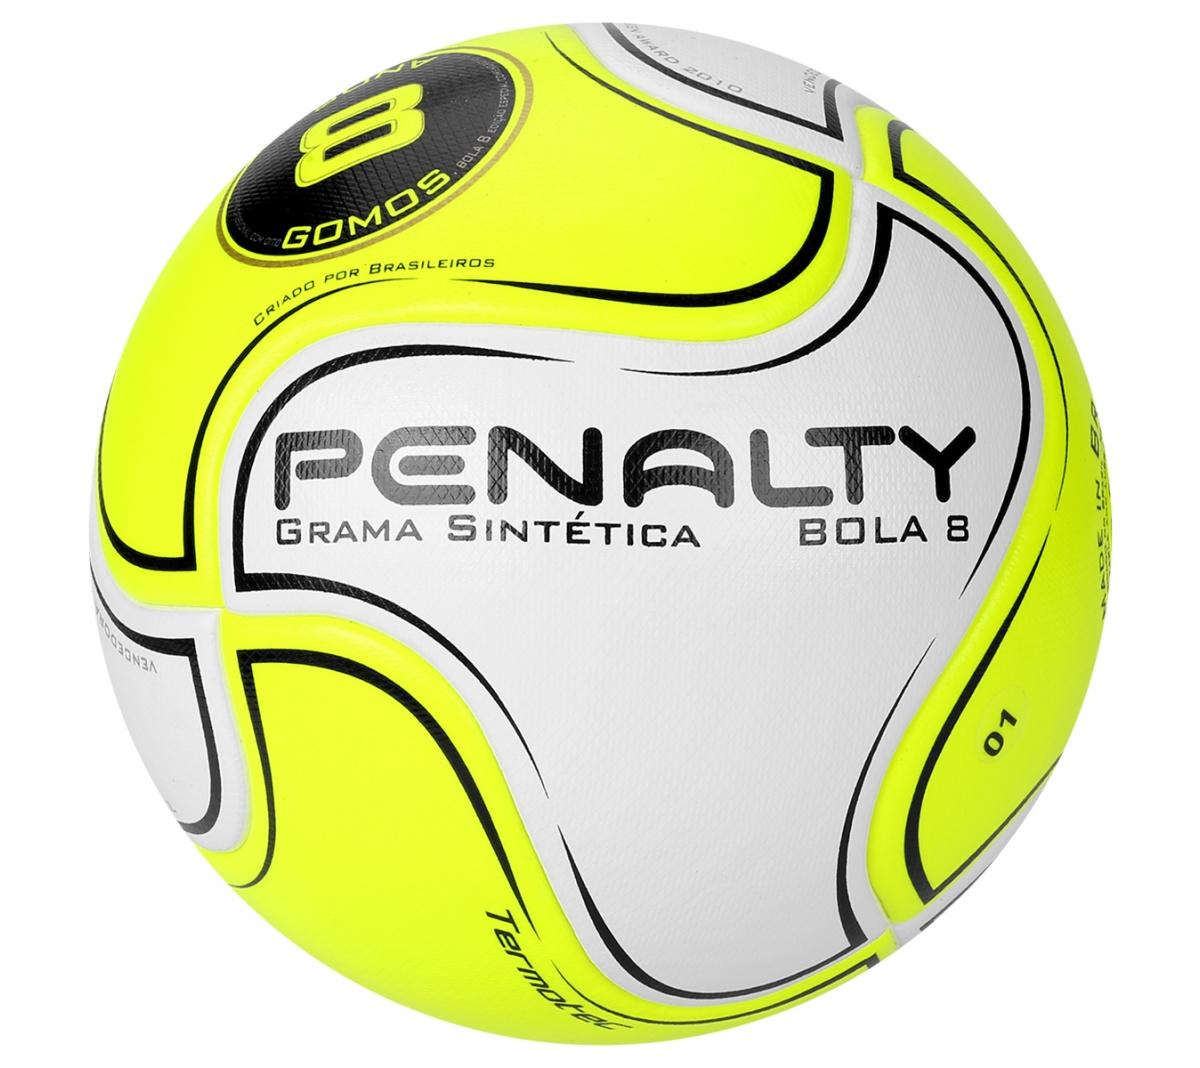 Bola Penalty Society 8 S11 Astro KICK OFF - Mundo do Futebol eecab713b8152